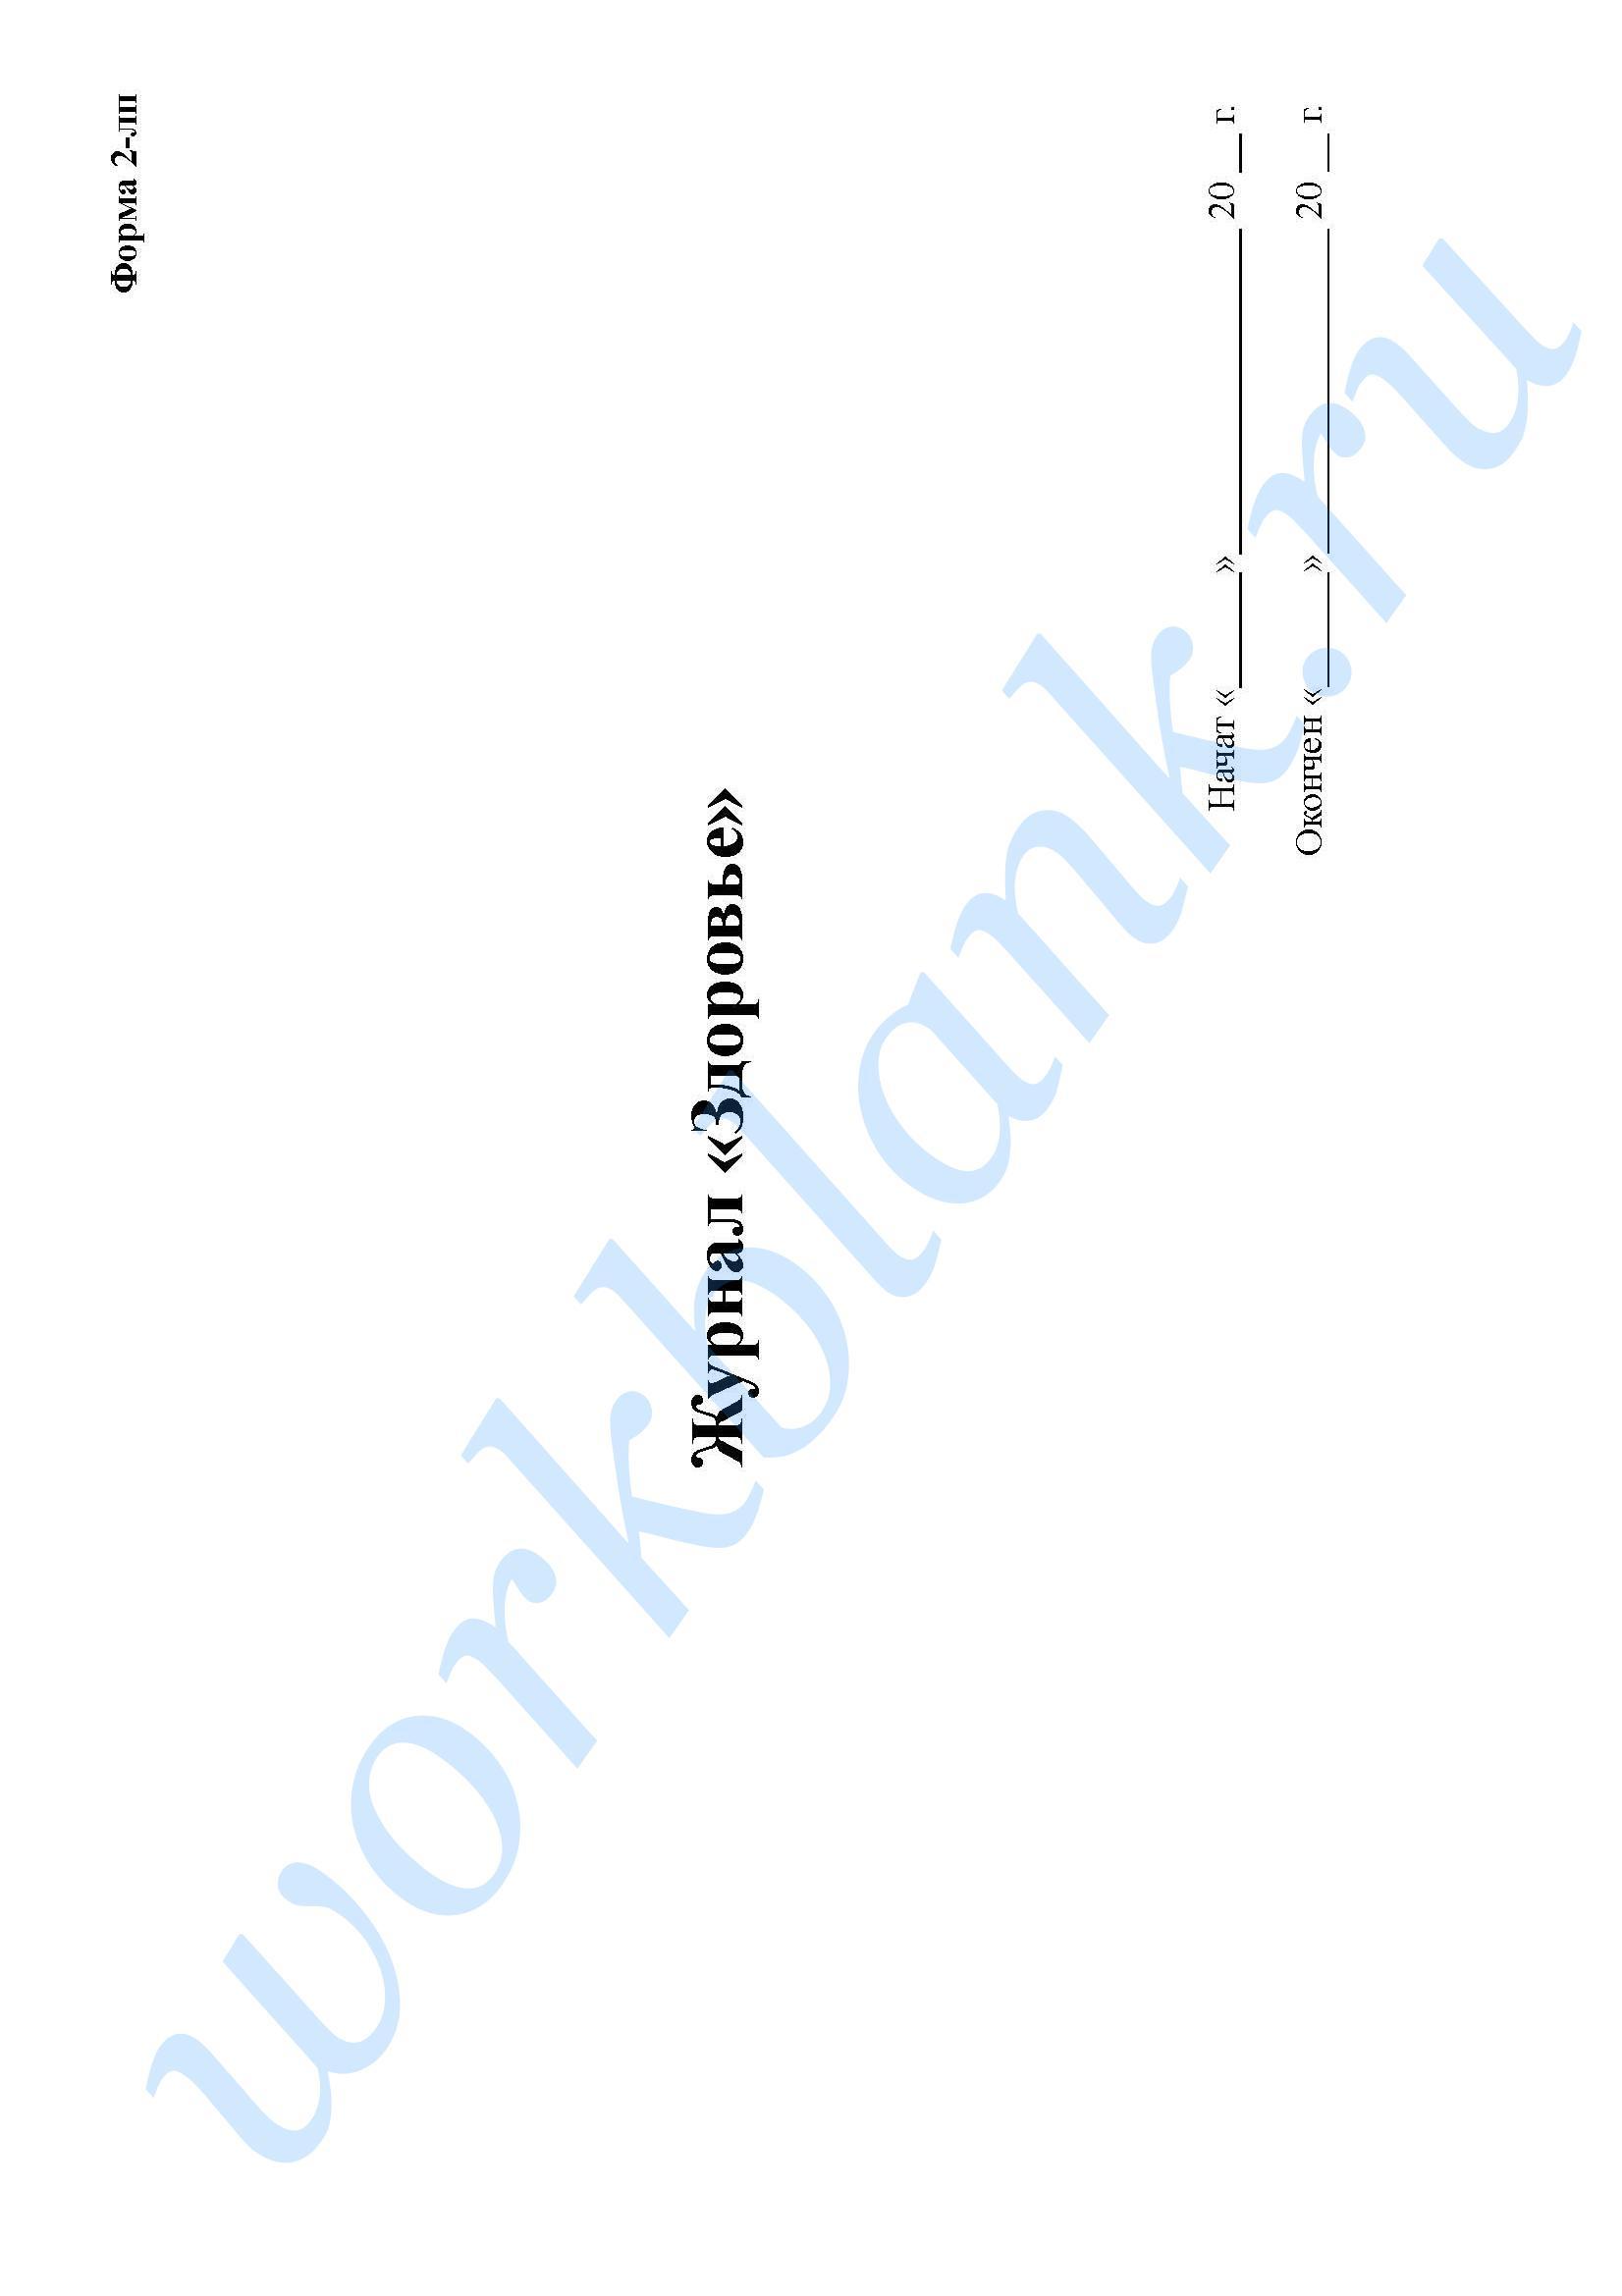 бланк формы для сэс на медицинскую деятел